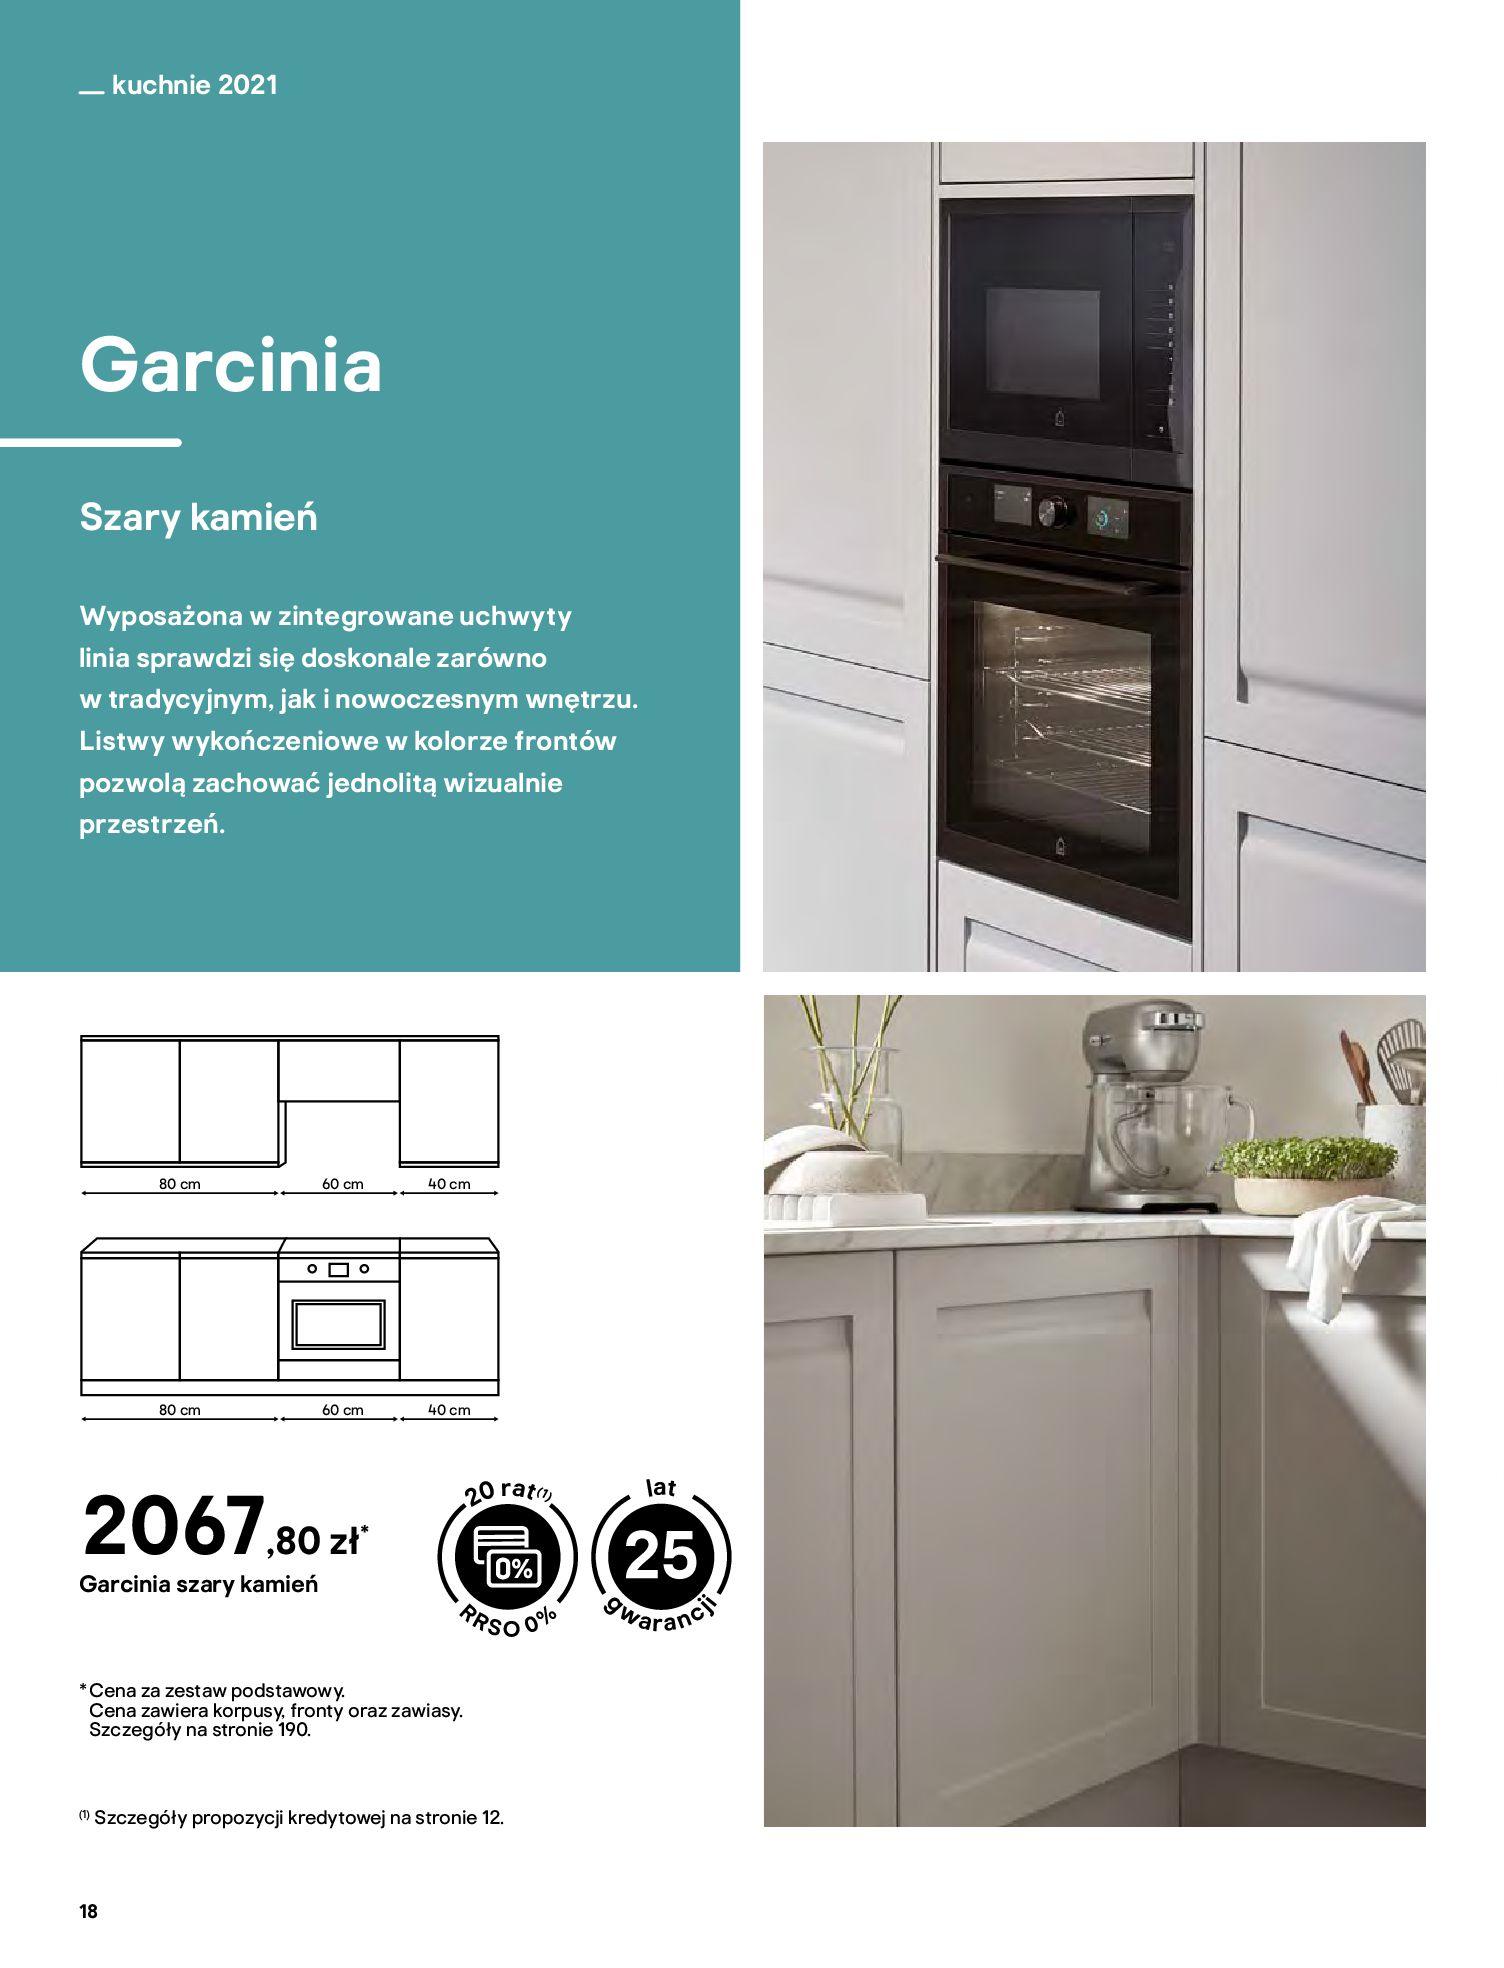 Gazetka Castorama: Katalog kuchnie 2021 2021-05-04 page-18